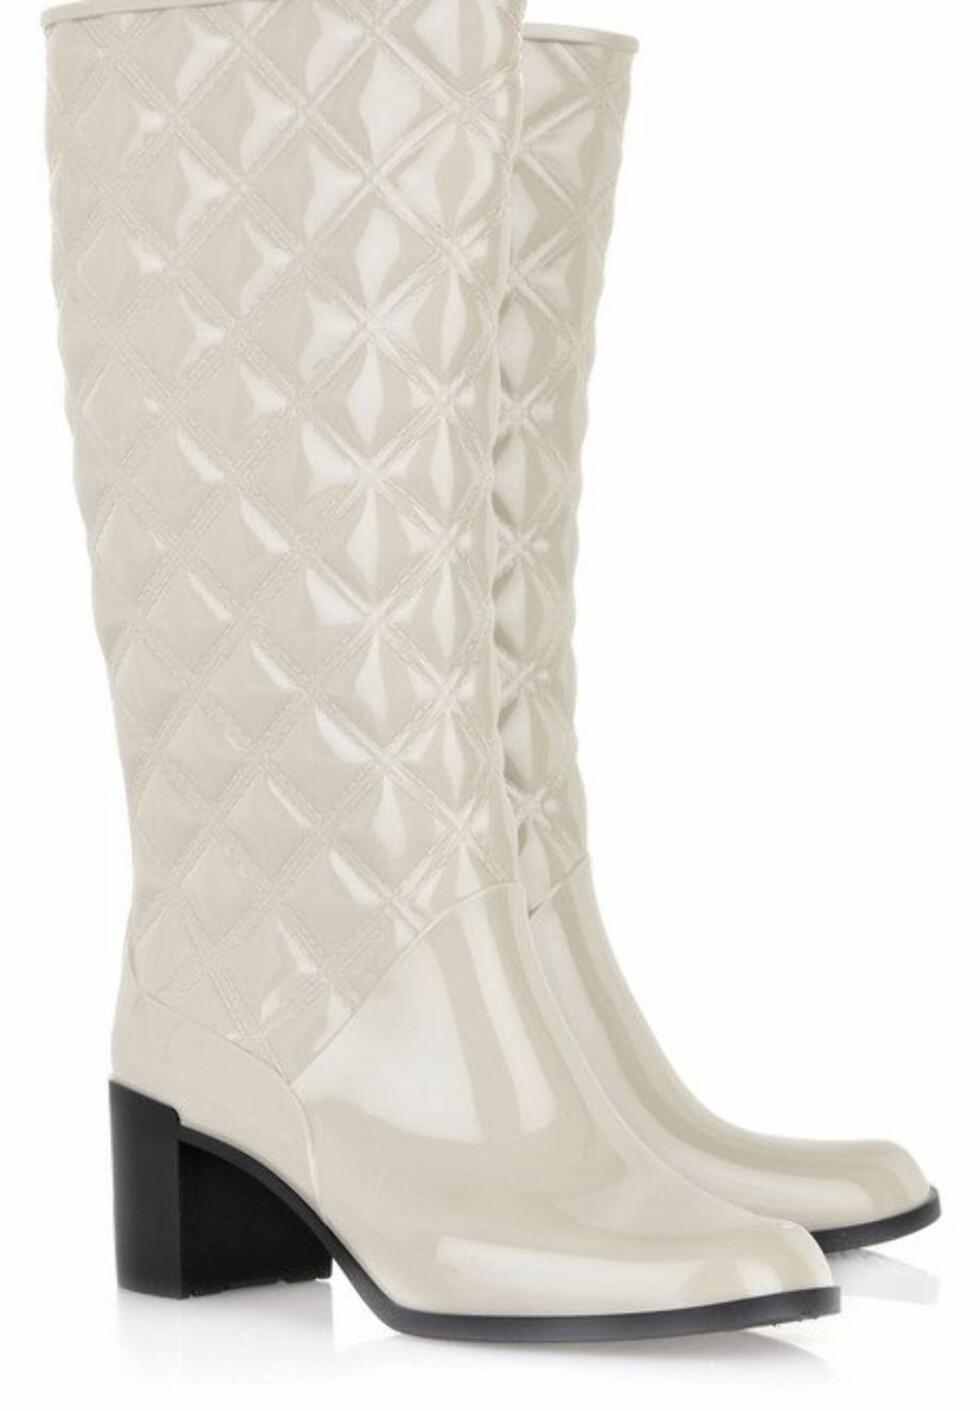 Hvite støvler med sort gummisåle  (ca kr 1680, Marc Jacobs/Net-a-porter.com).